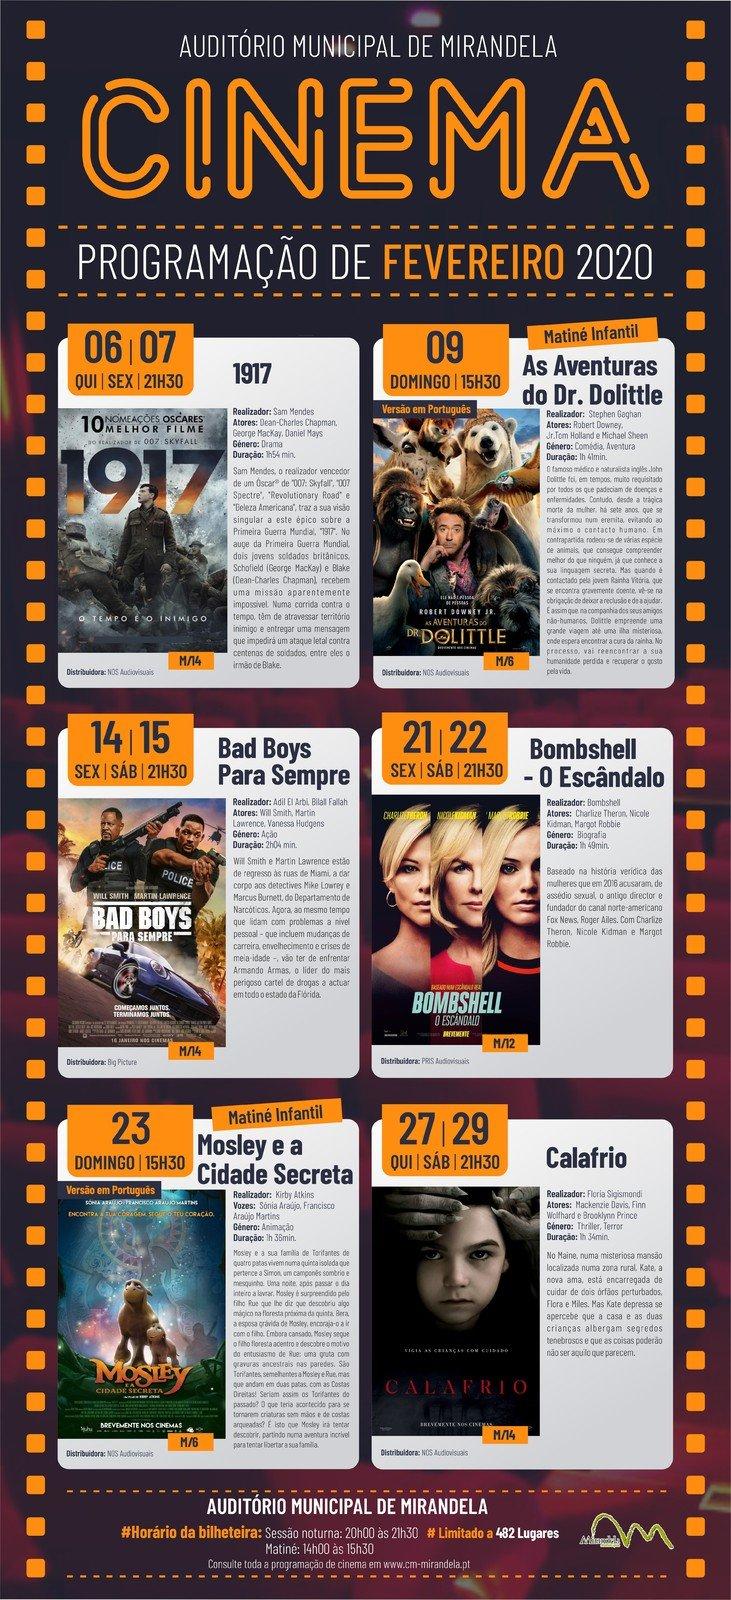 Cinema: Fevereiro 2020